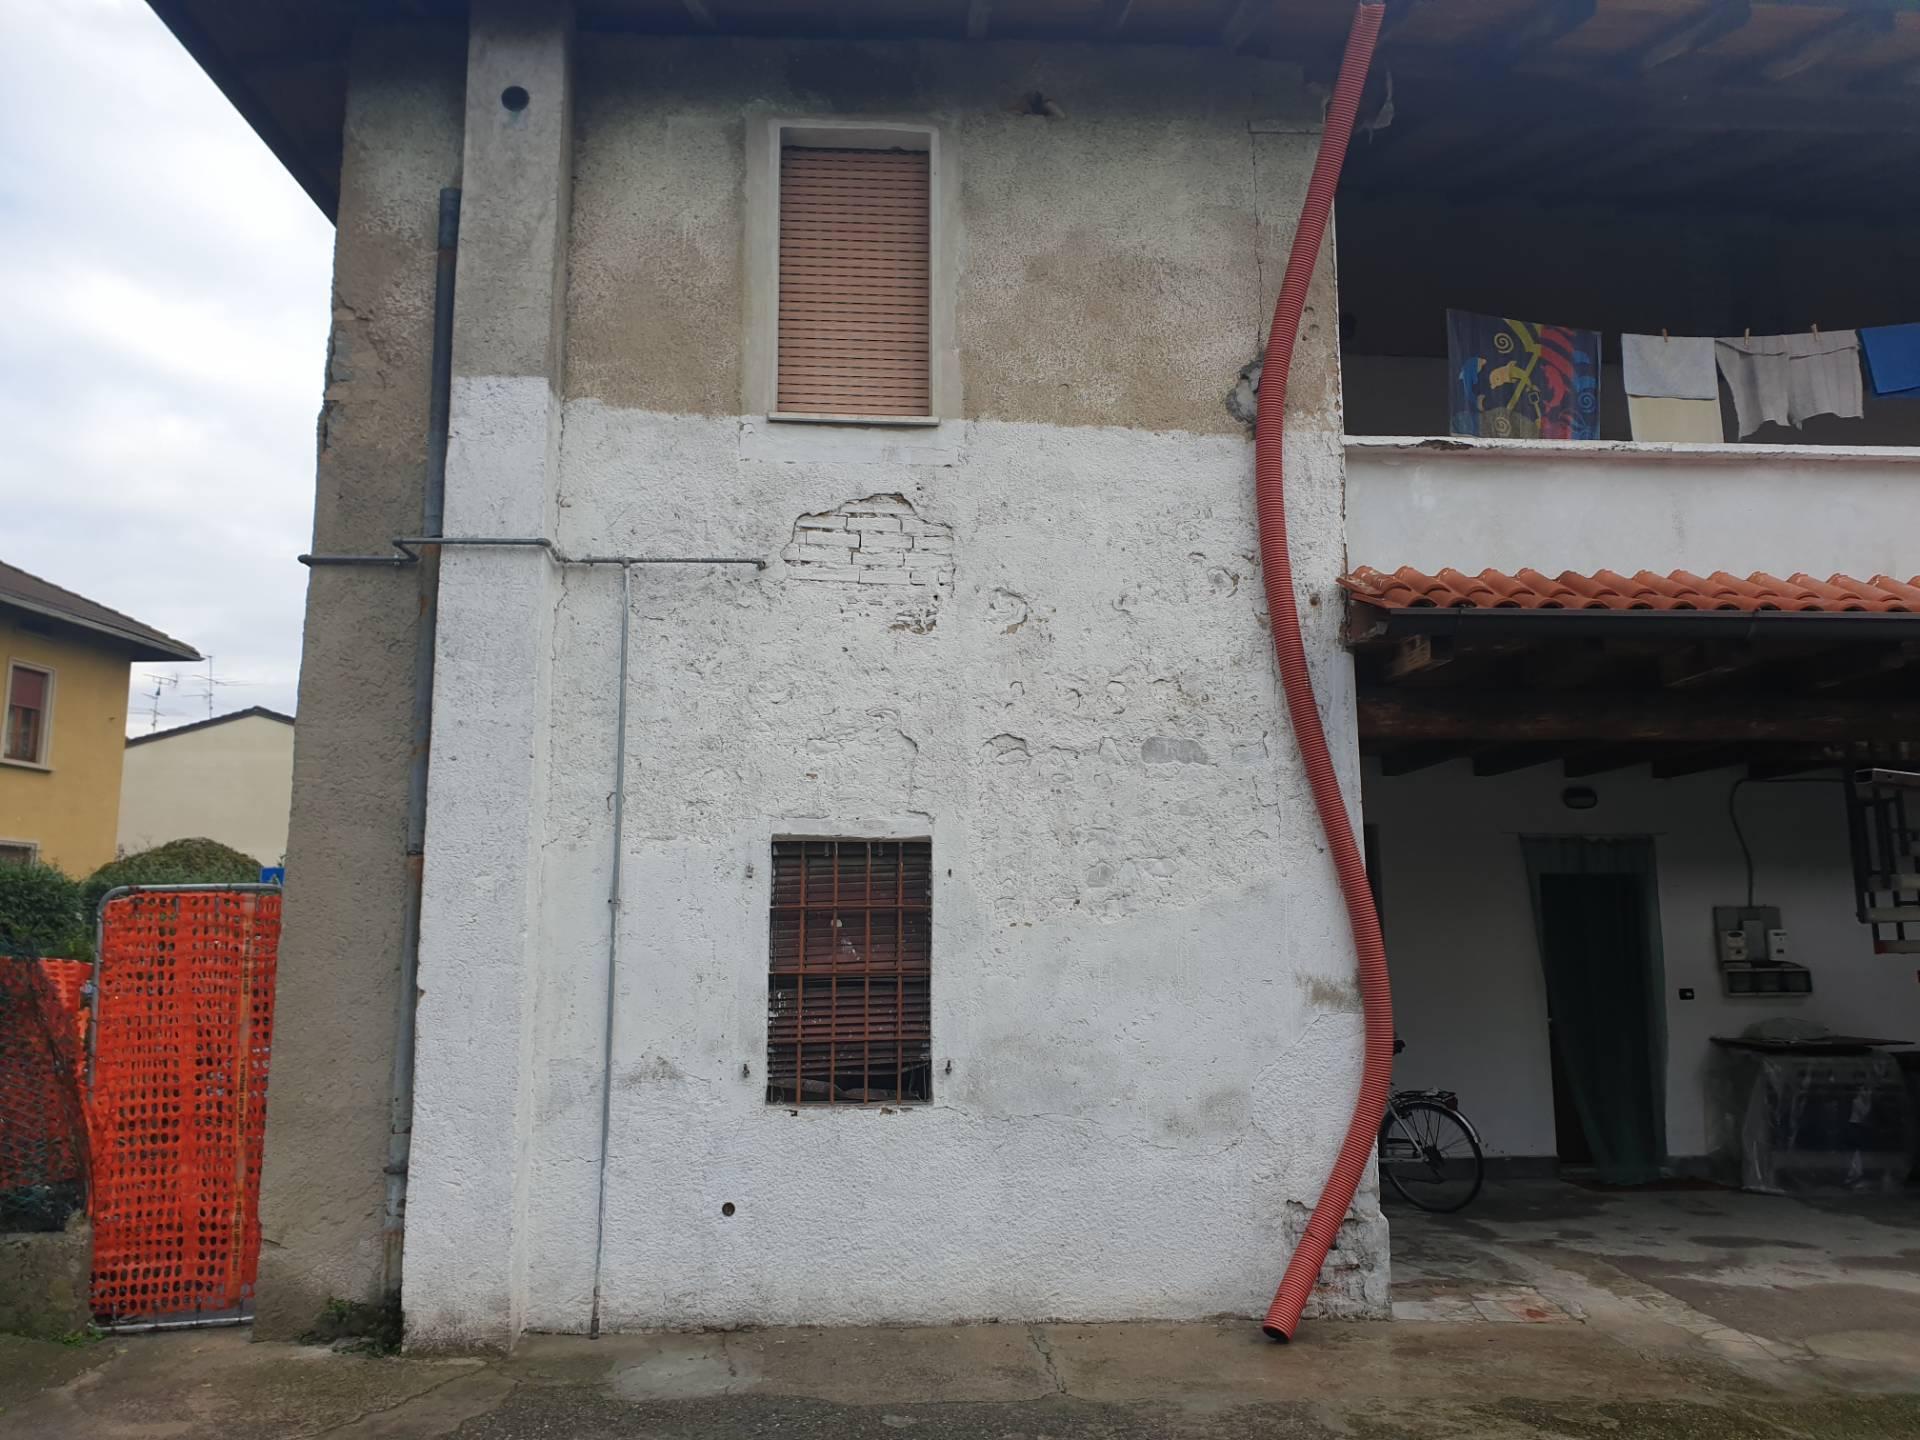 Rustico / Casale in vendita a Palazzolo sull'Oglio, 2 locali, prezzo € 18.500   PortaleAgenzieImmobiliari.it